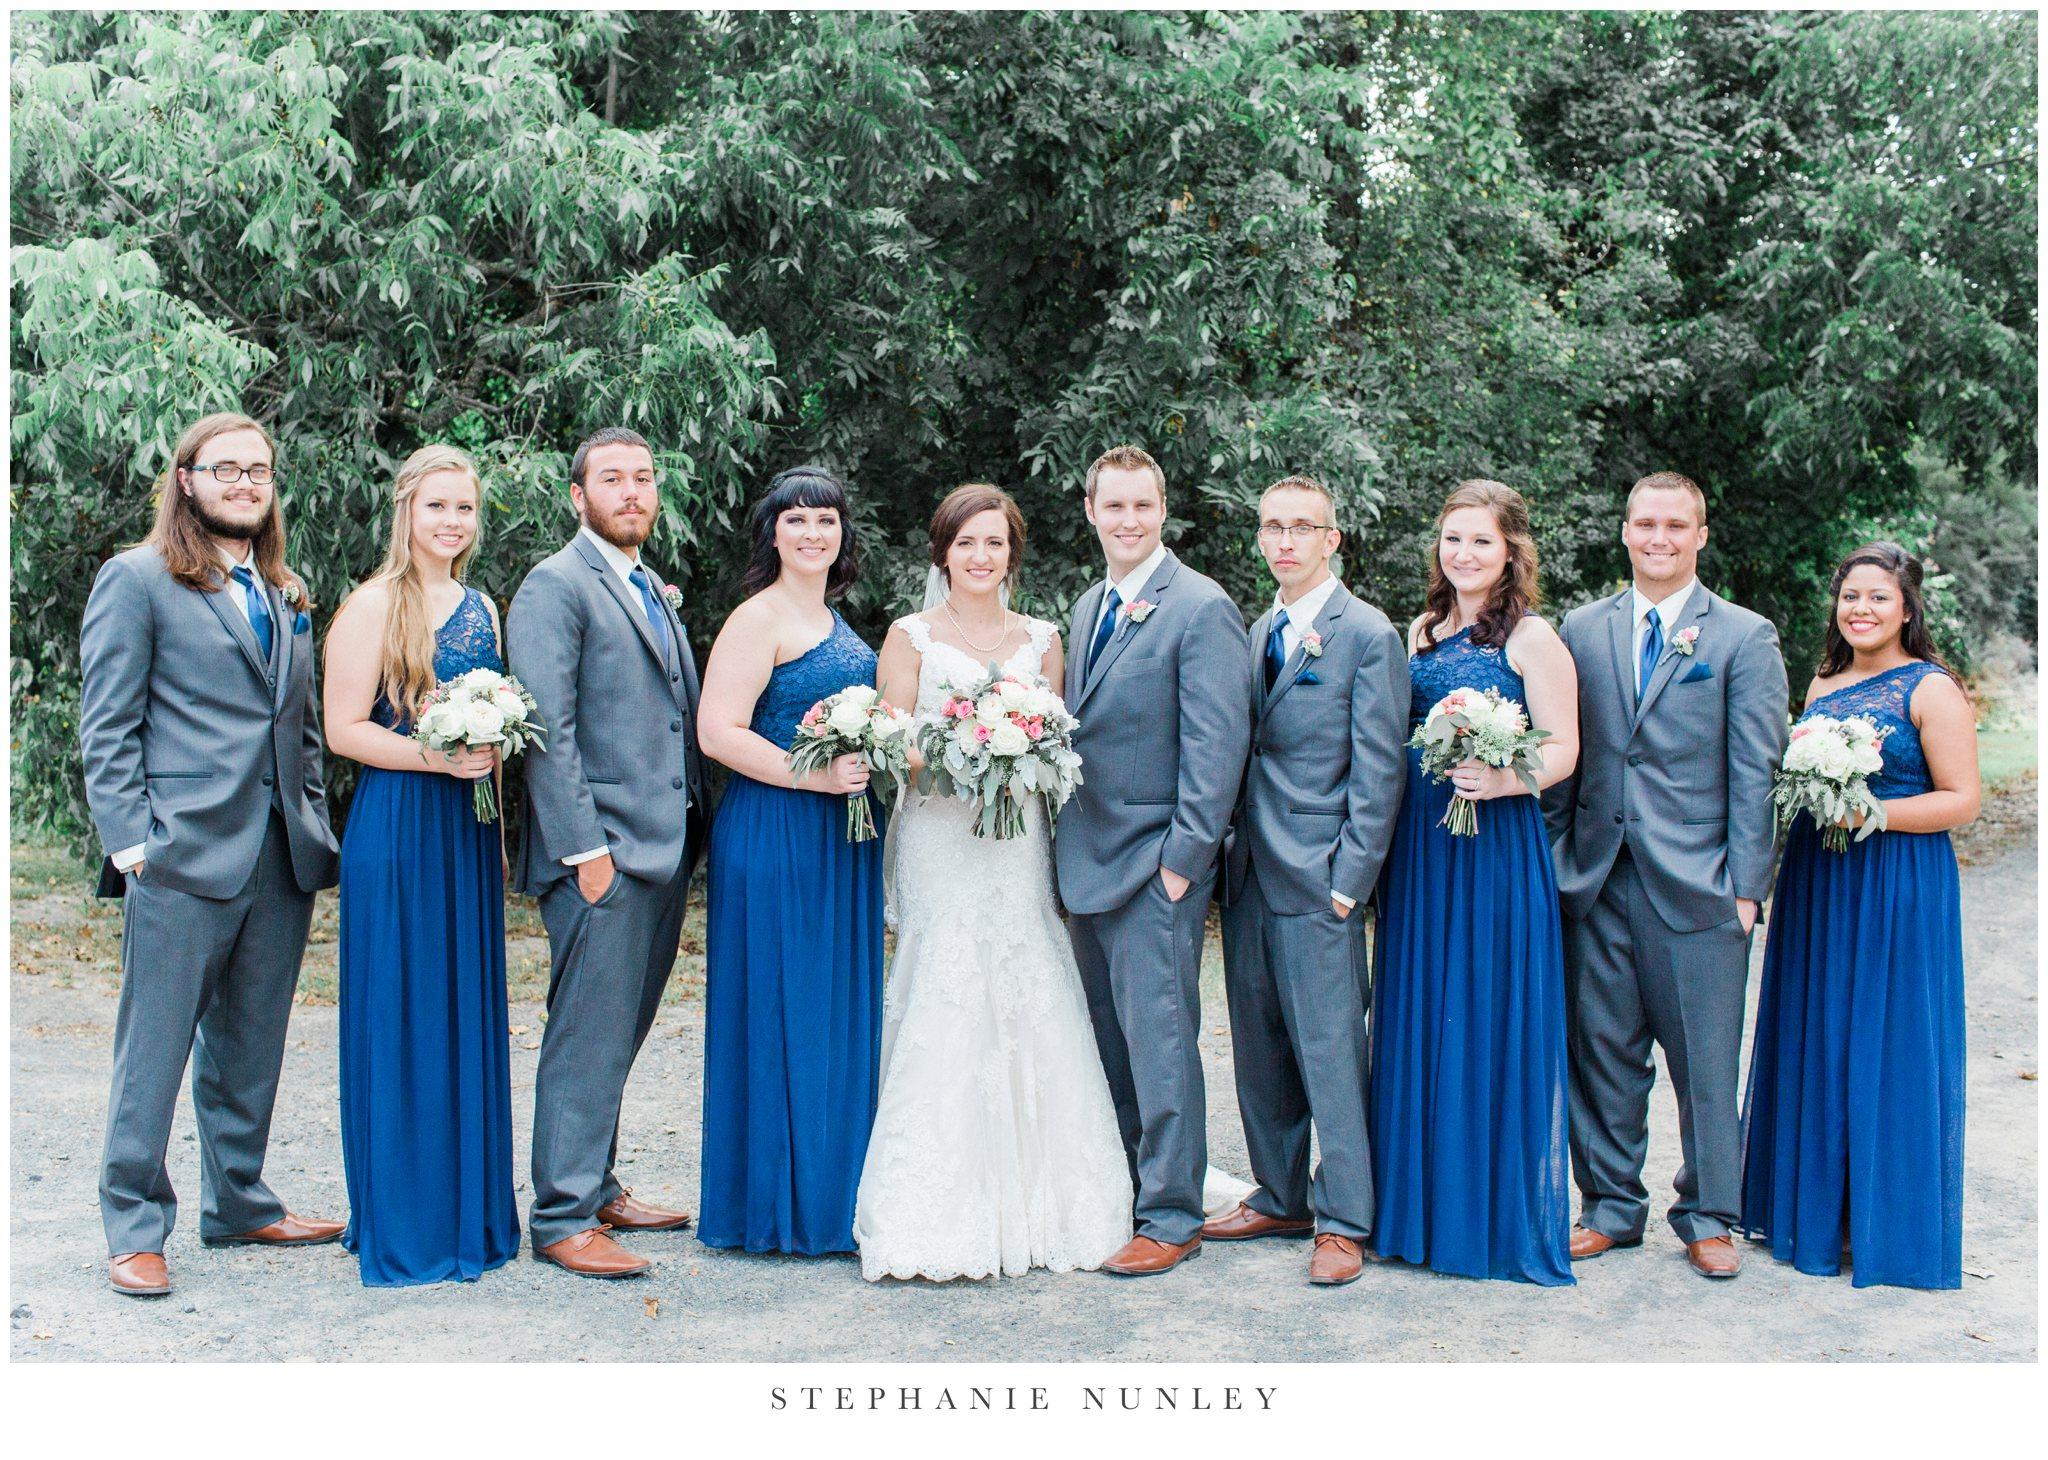 arkansas-outdoor-film-inspired-wedding-0053.jpg